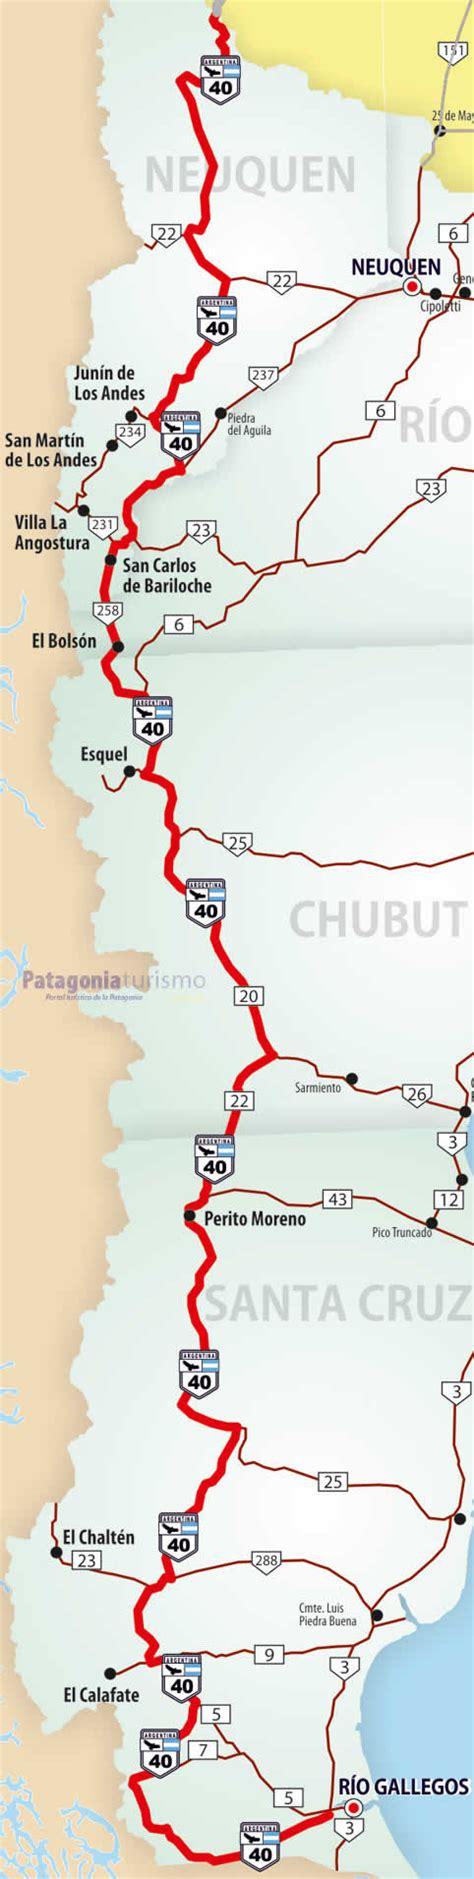 Región Centro De Argentina Ruta 40 En La Patagonia Argentina Turismo Circuito